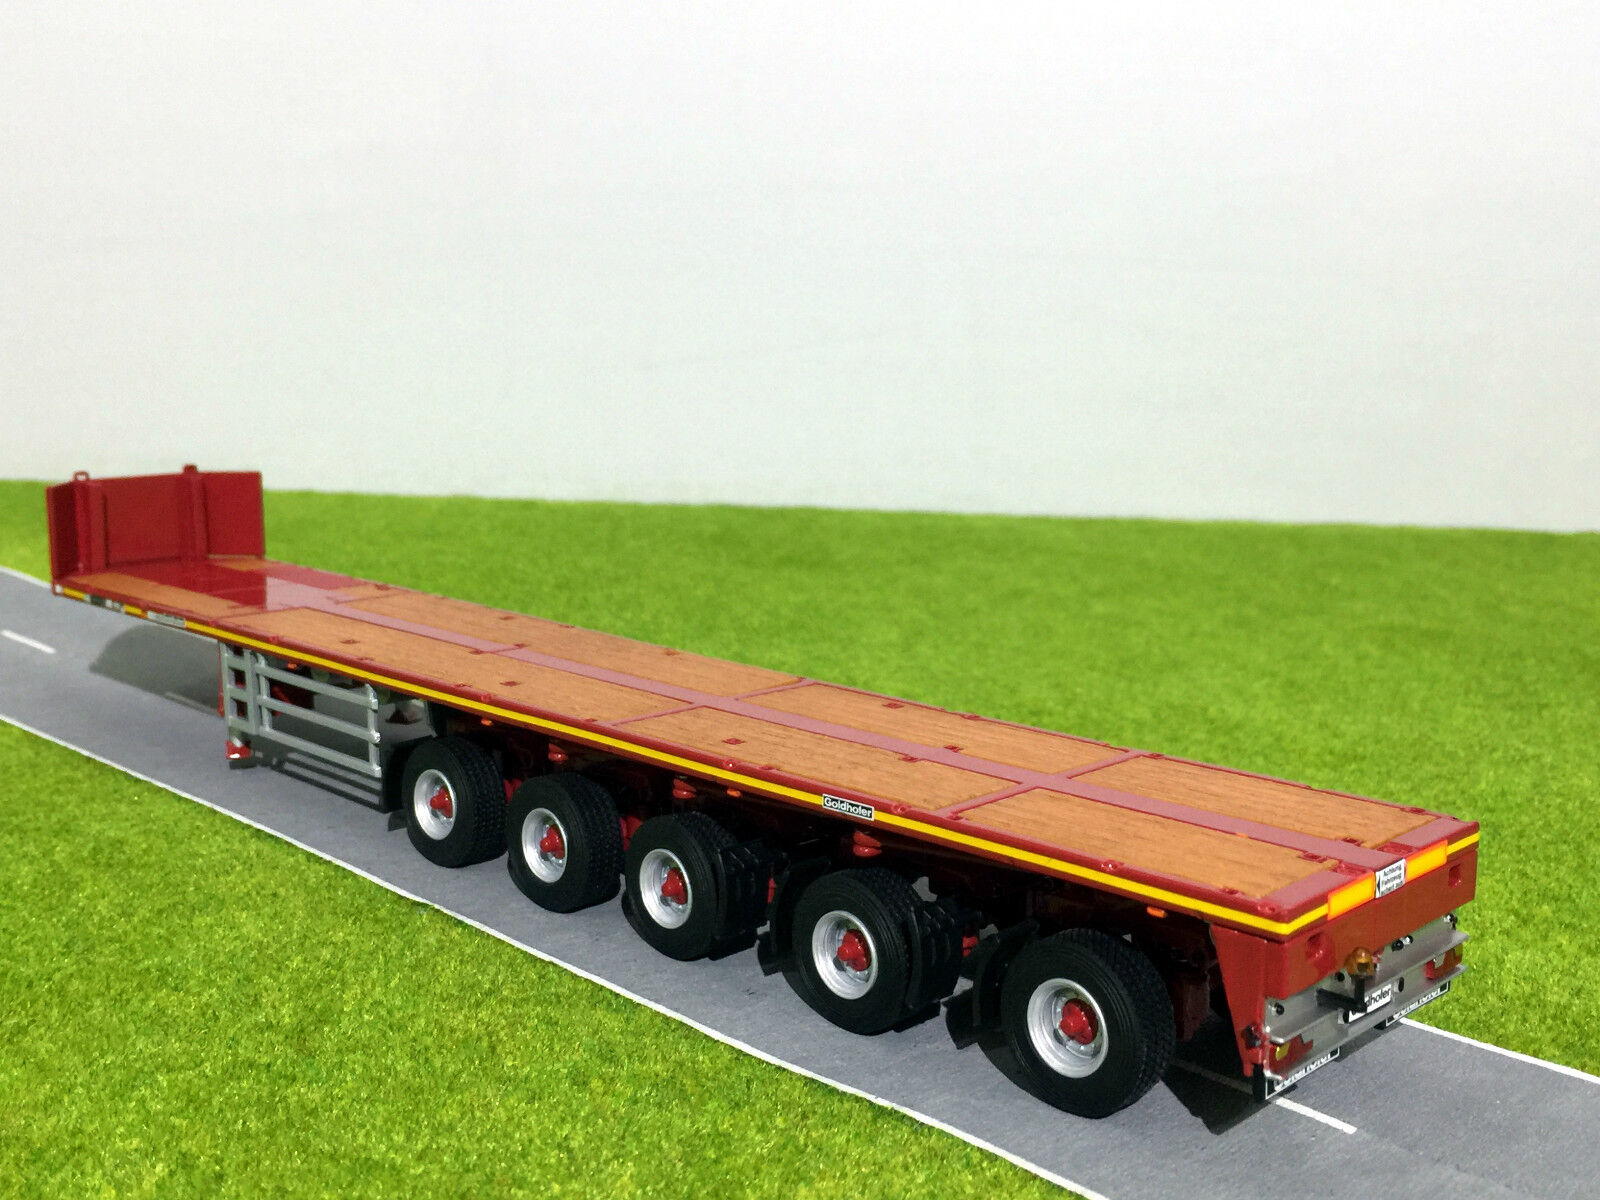 WSI modelos de camión, remolque de lastre orohofer Eje 5, 1 50